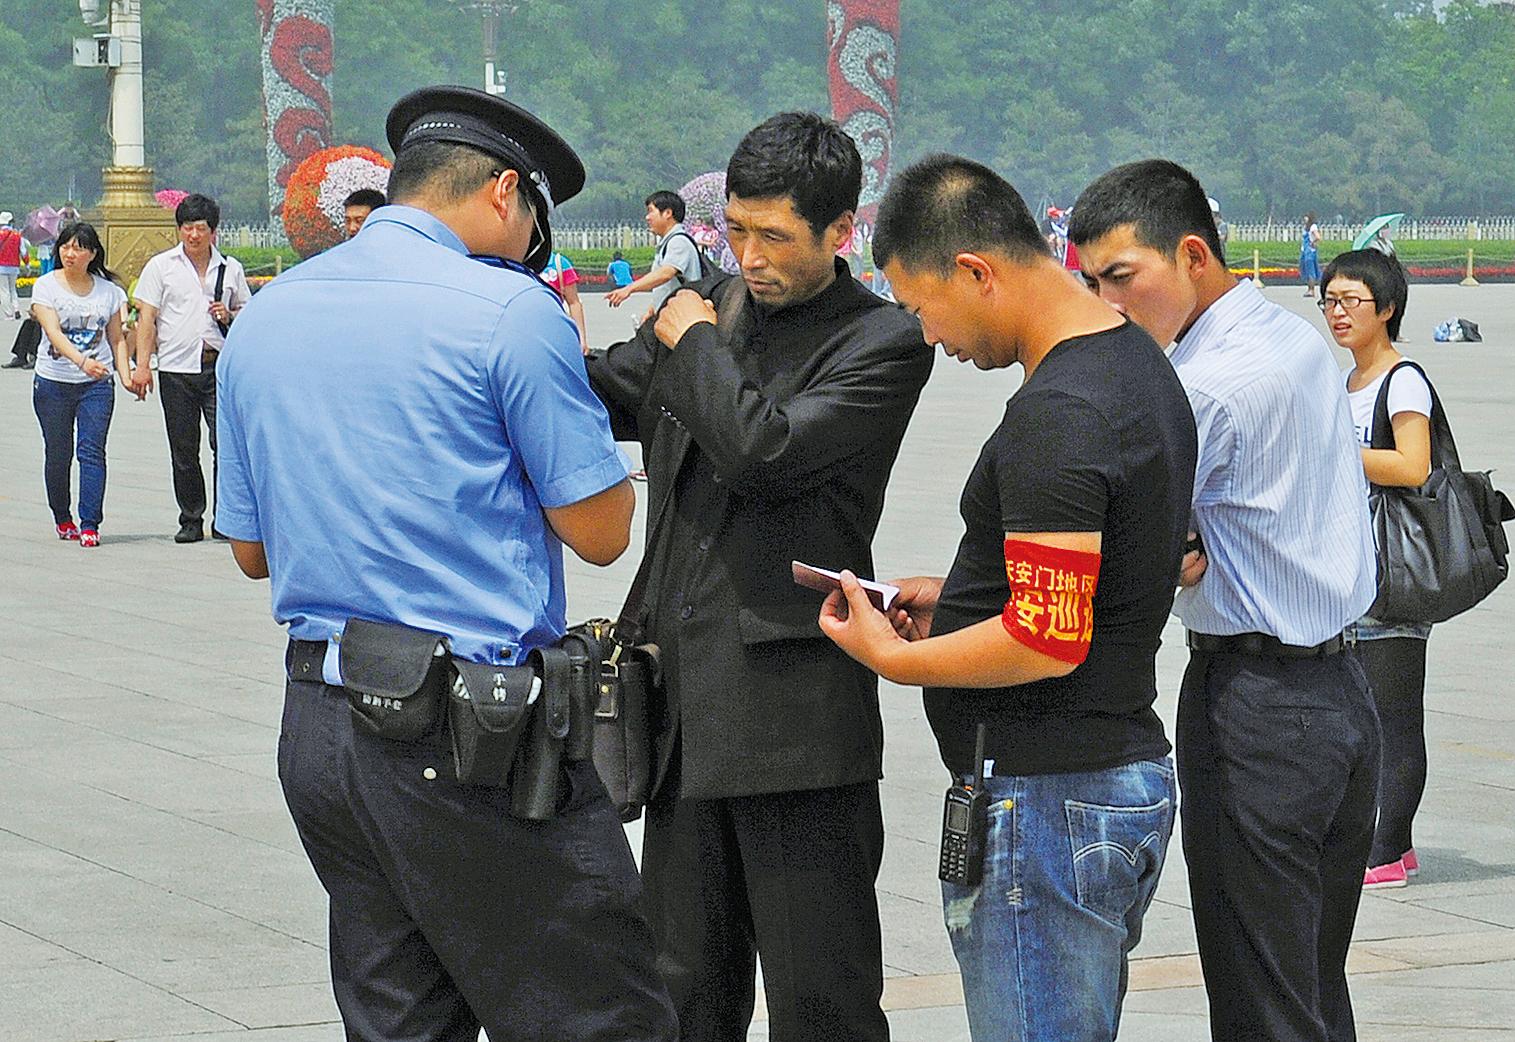 第三代身份證加入了定位及收集個人指紋和血液信息等新功能。圖為2012年中共六四屠城23周年之際,北京警察在天安門廣場檢查一名男子的身份證並逮捕了他。(AFP)